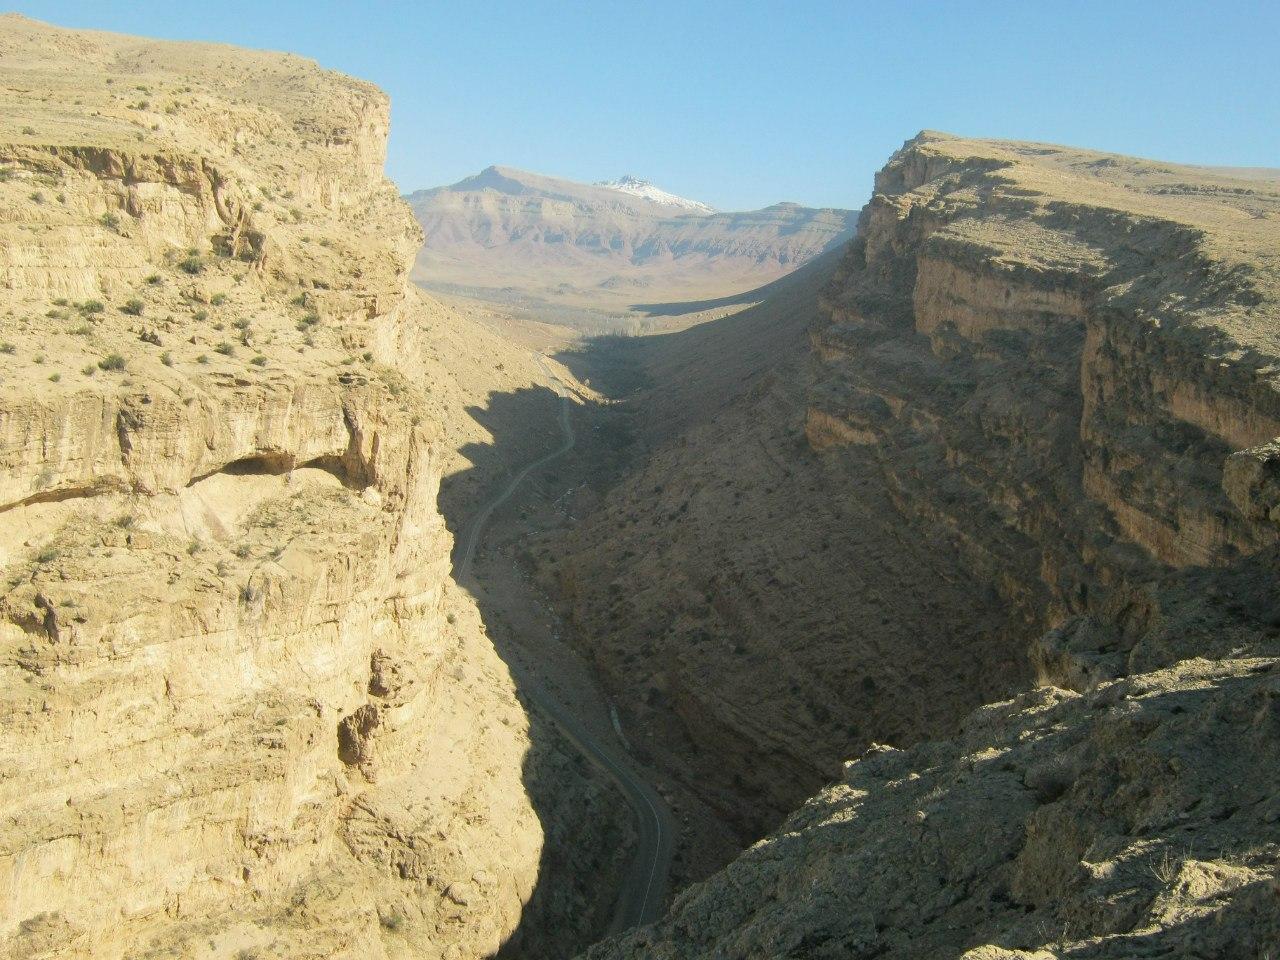 над каньоном около Делиджан и пещеры Чал Нахджир